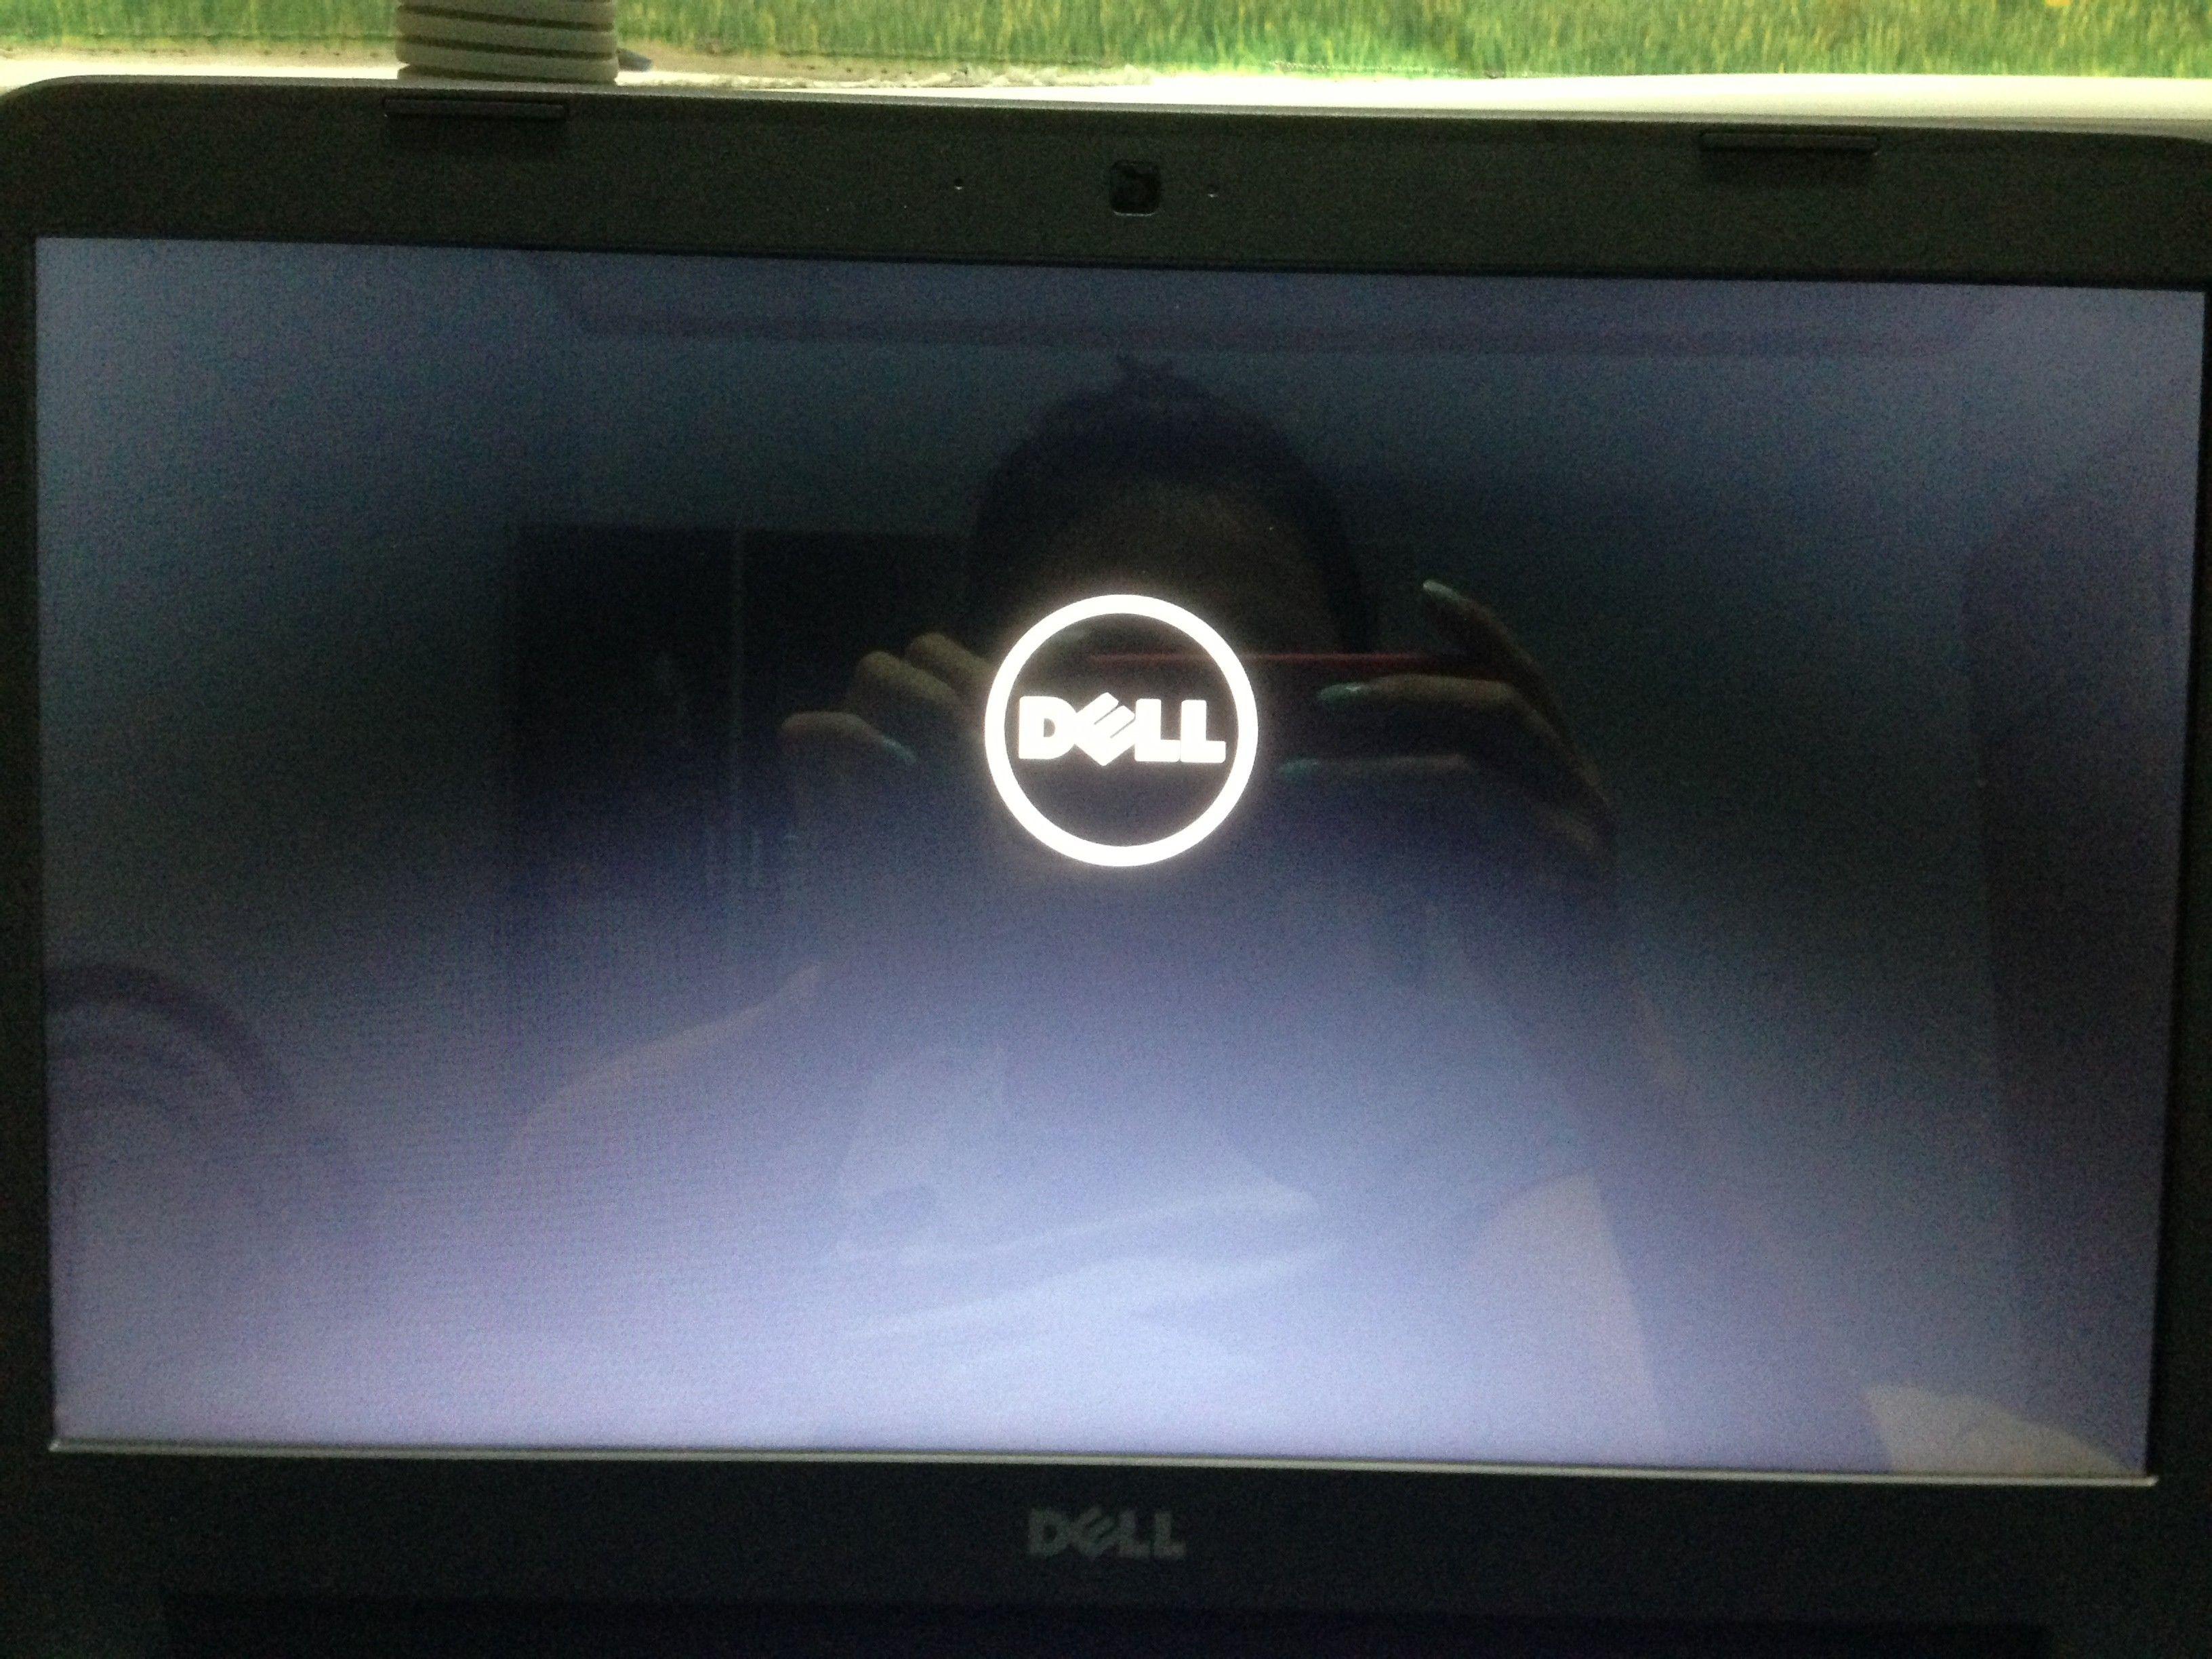 戴尔笔记本电脑屏幕很暗亮度调到最高了也没反应,该怎么办?